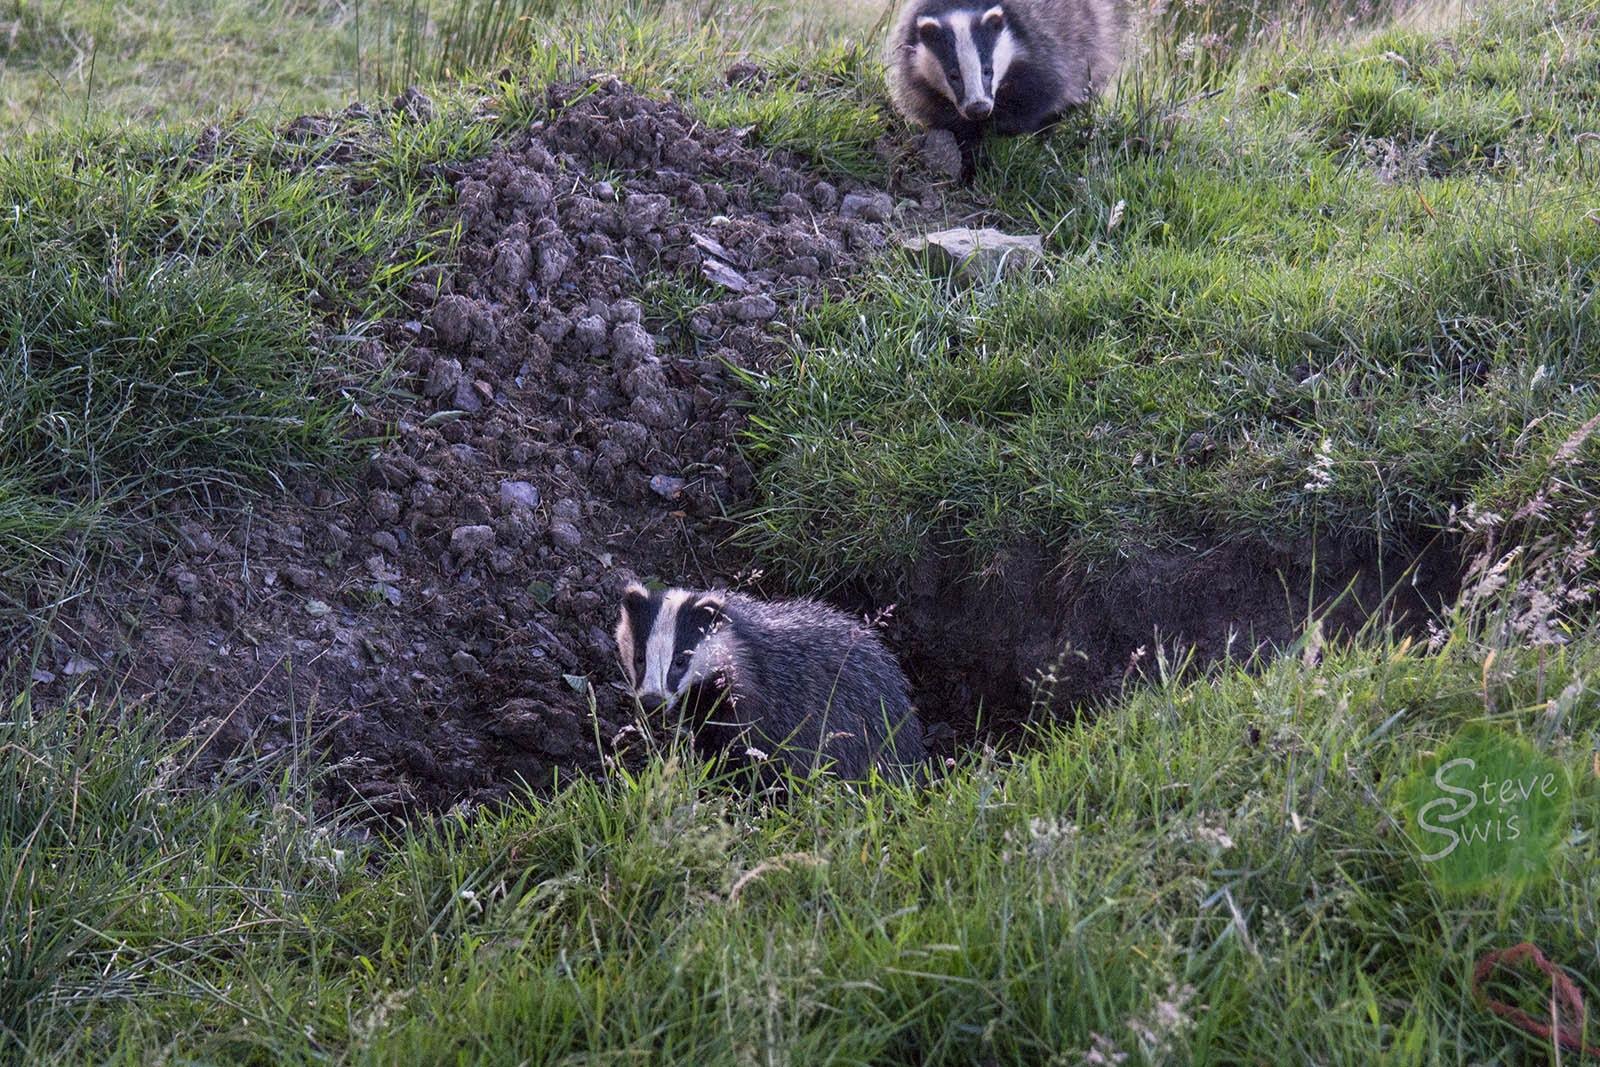 badger set by Steve Swis